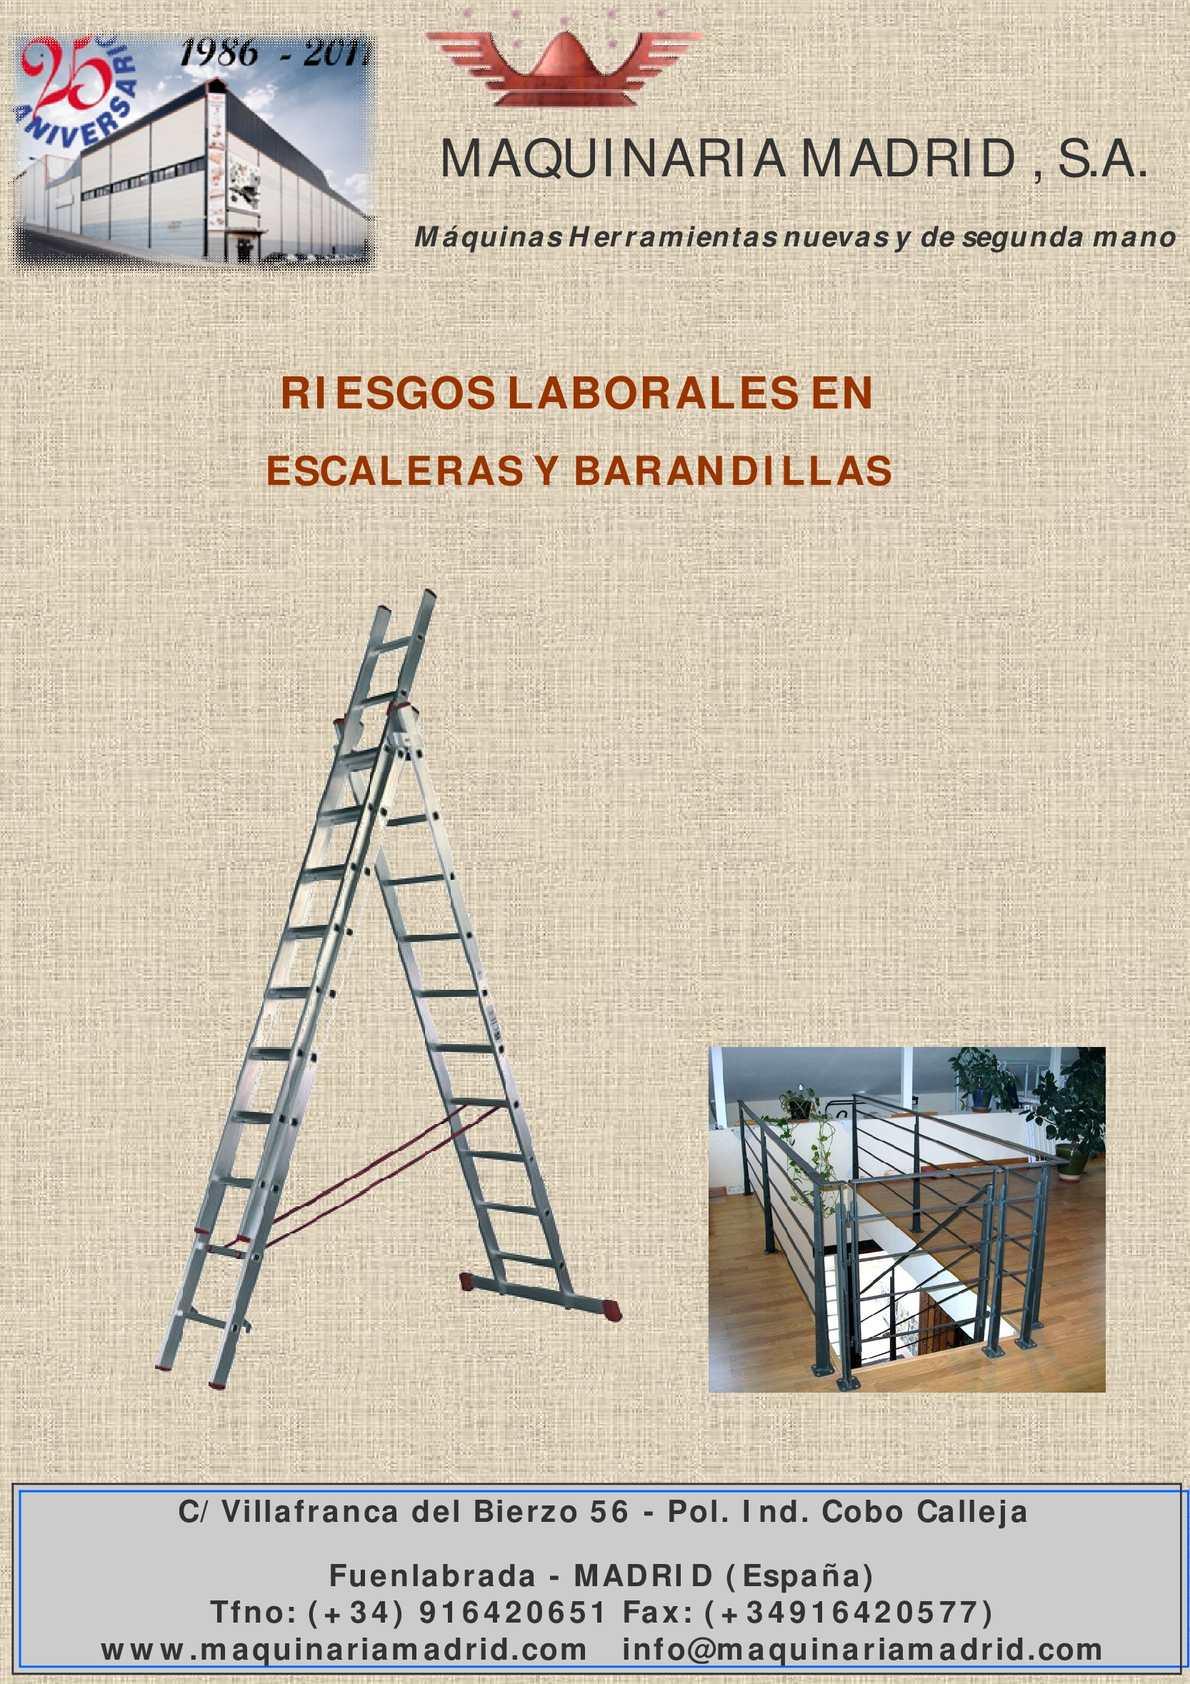 Calam o riesgo en escaleras y barandillas - Escaleras y barandillas ...